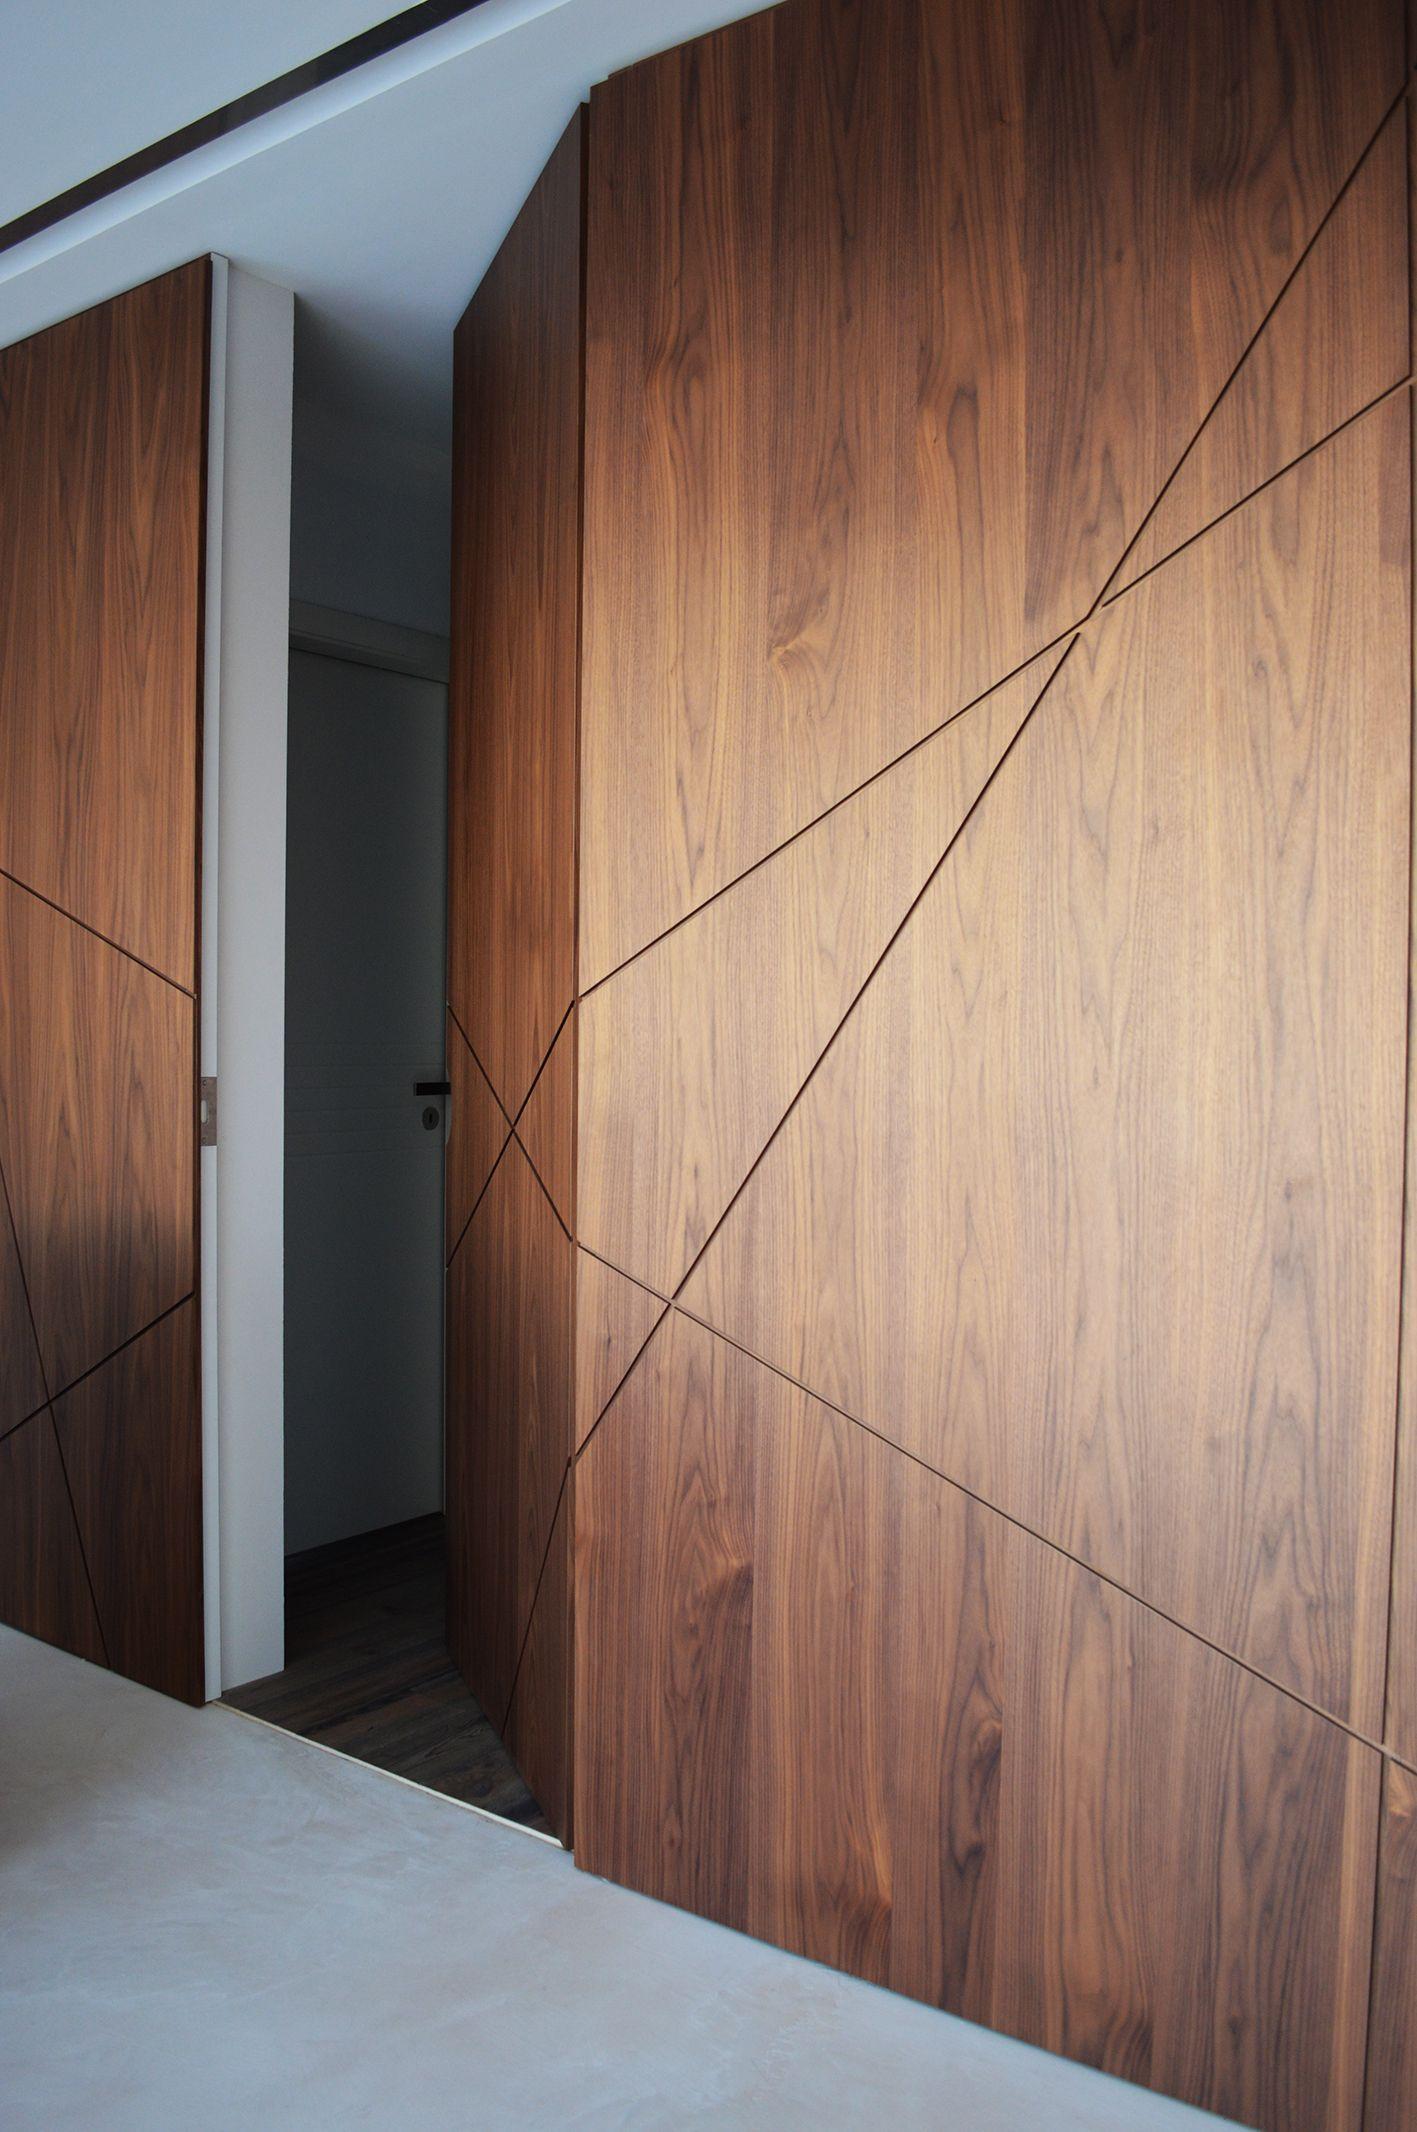 Pin By Z Y On Wood Hidden Doors In Walls Door Design Modern